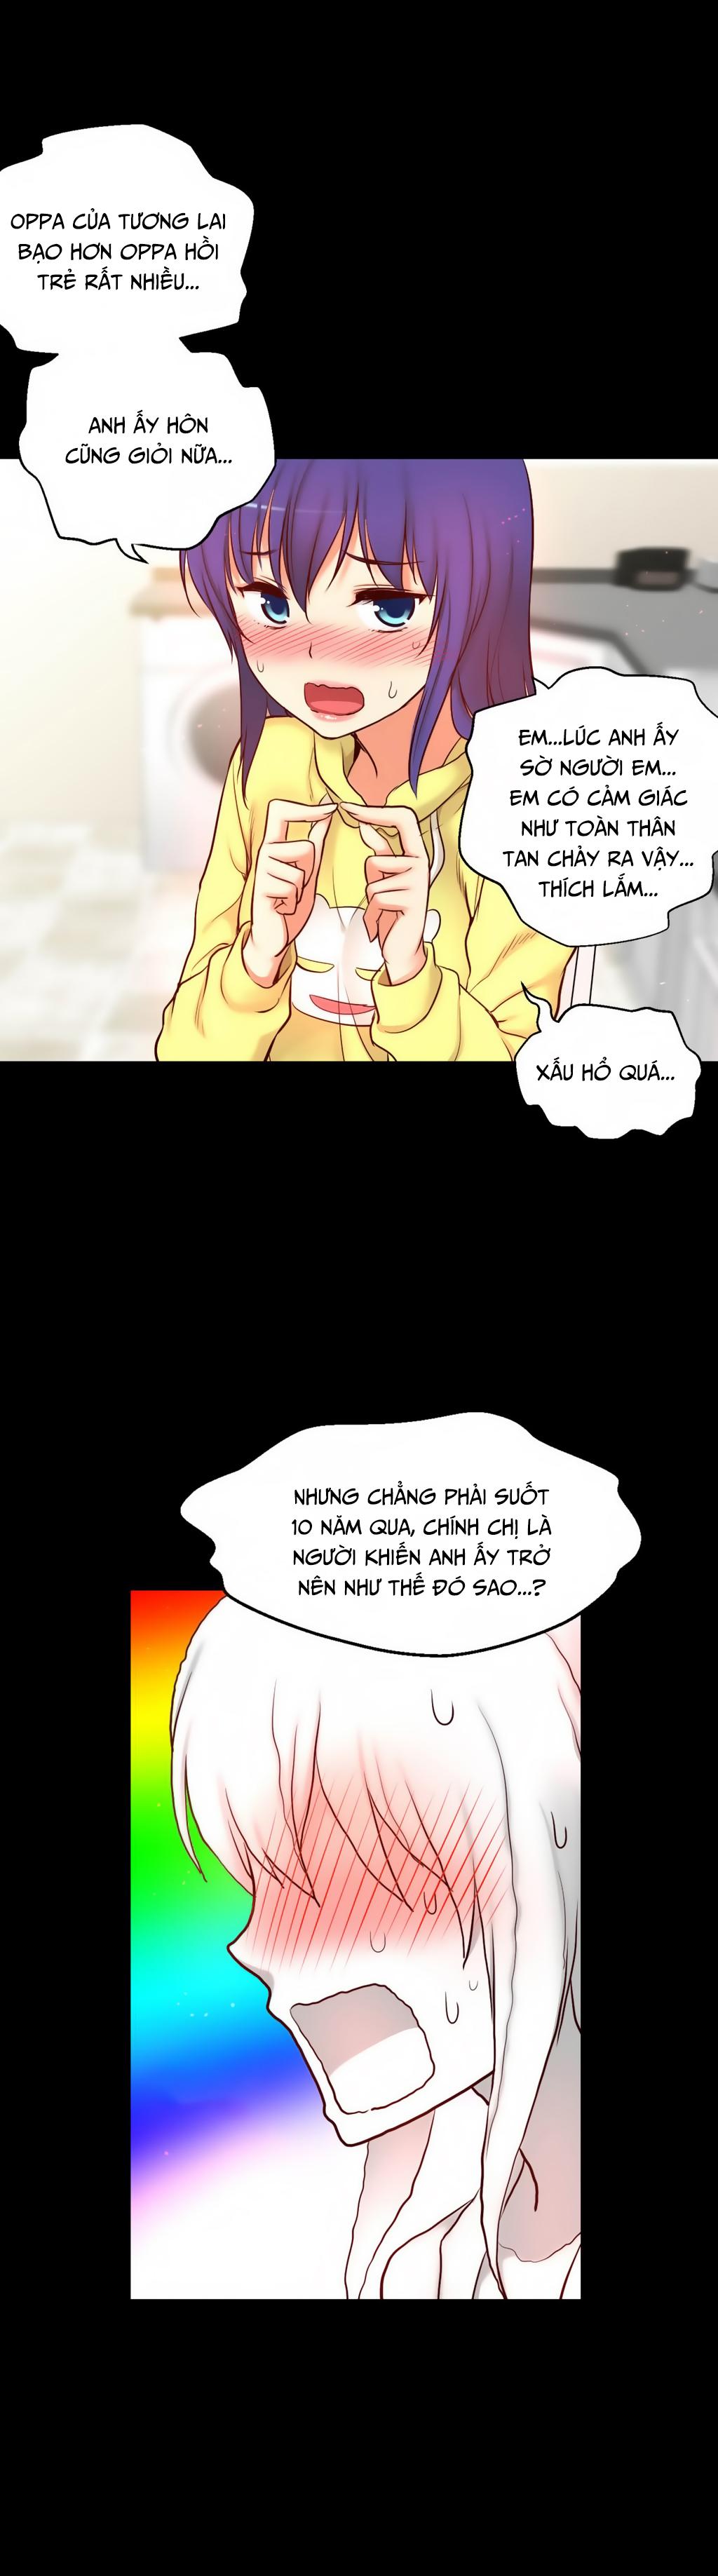 Hình ảnh h022 in [Siêu phẩm Hentai] Little Girl Full